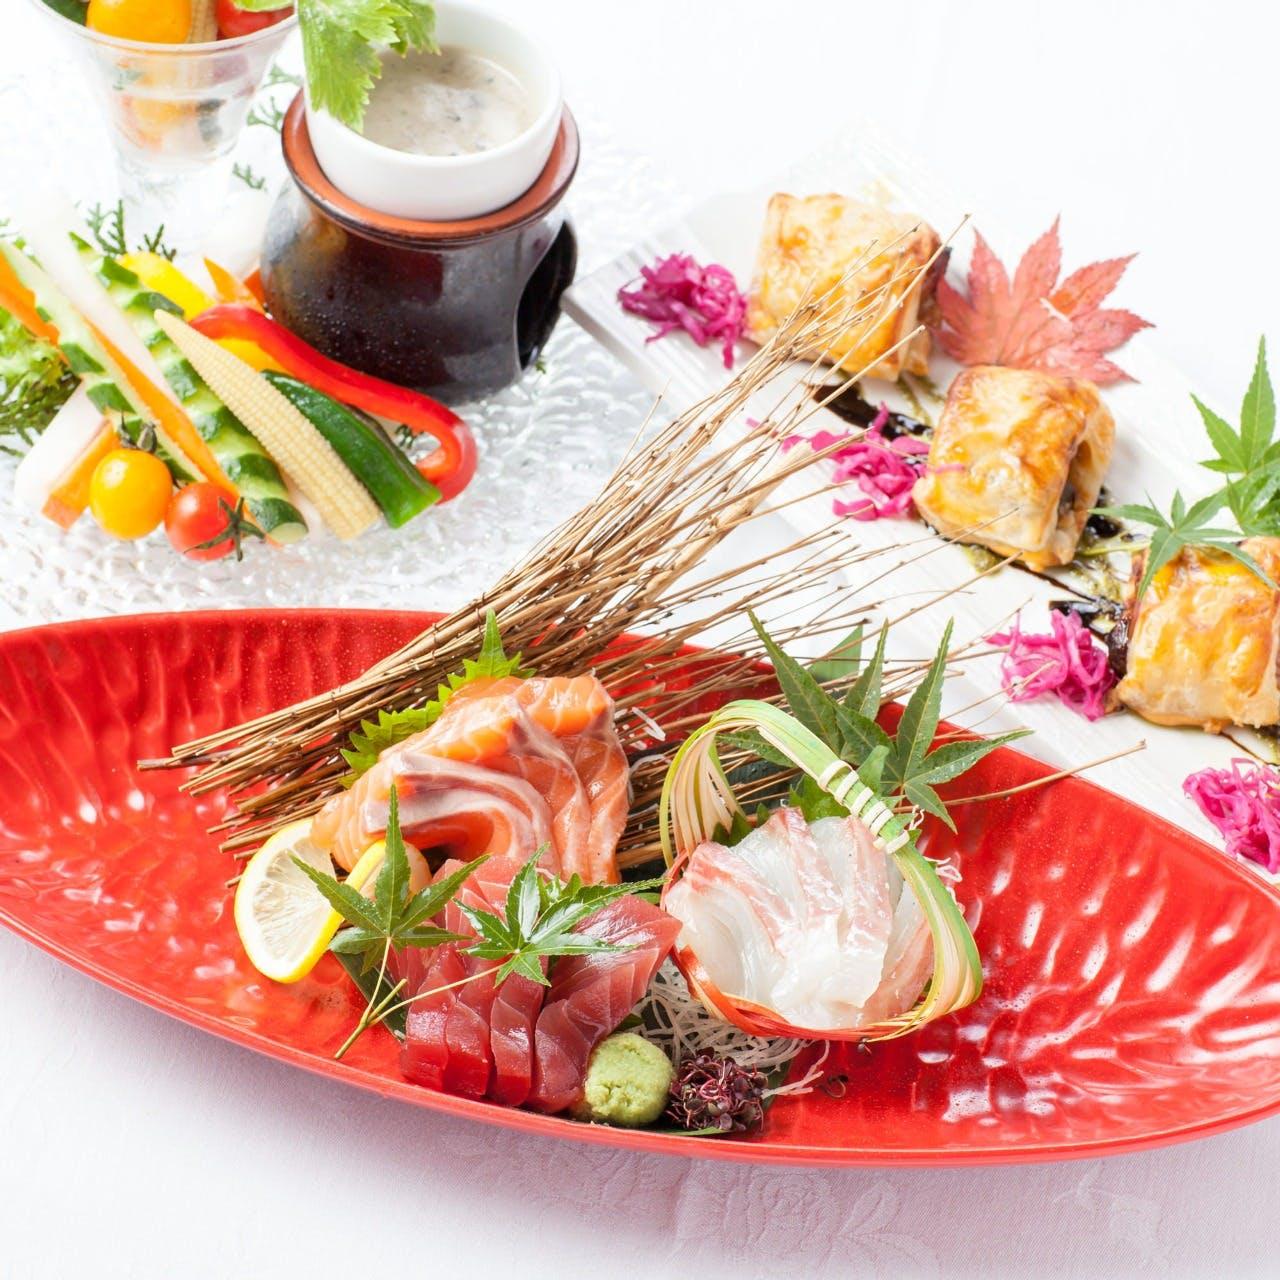 和洋創作料理は彩り鮮やかに